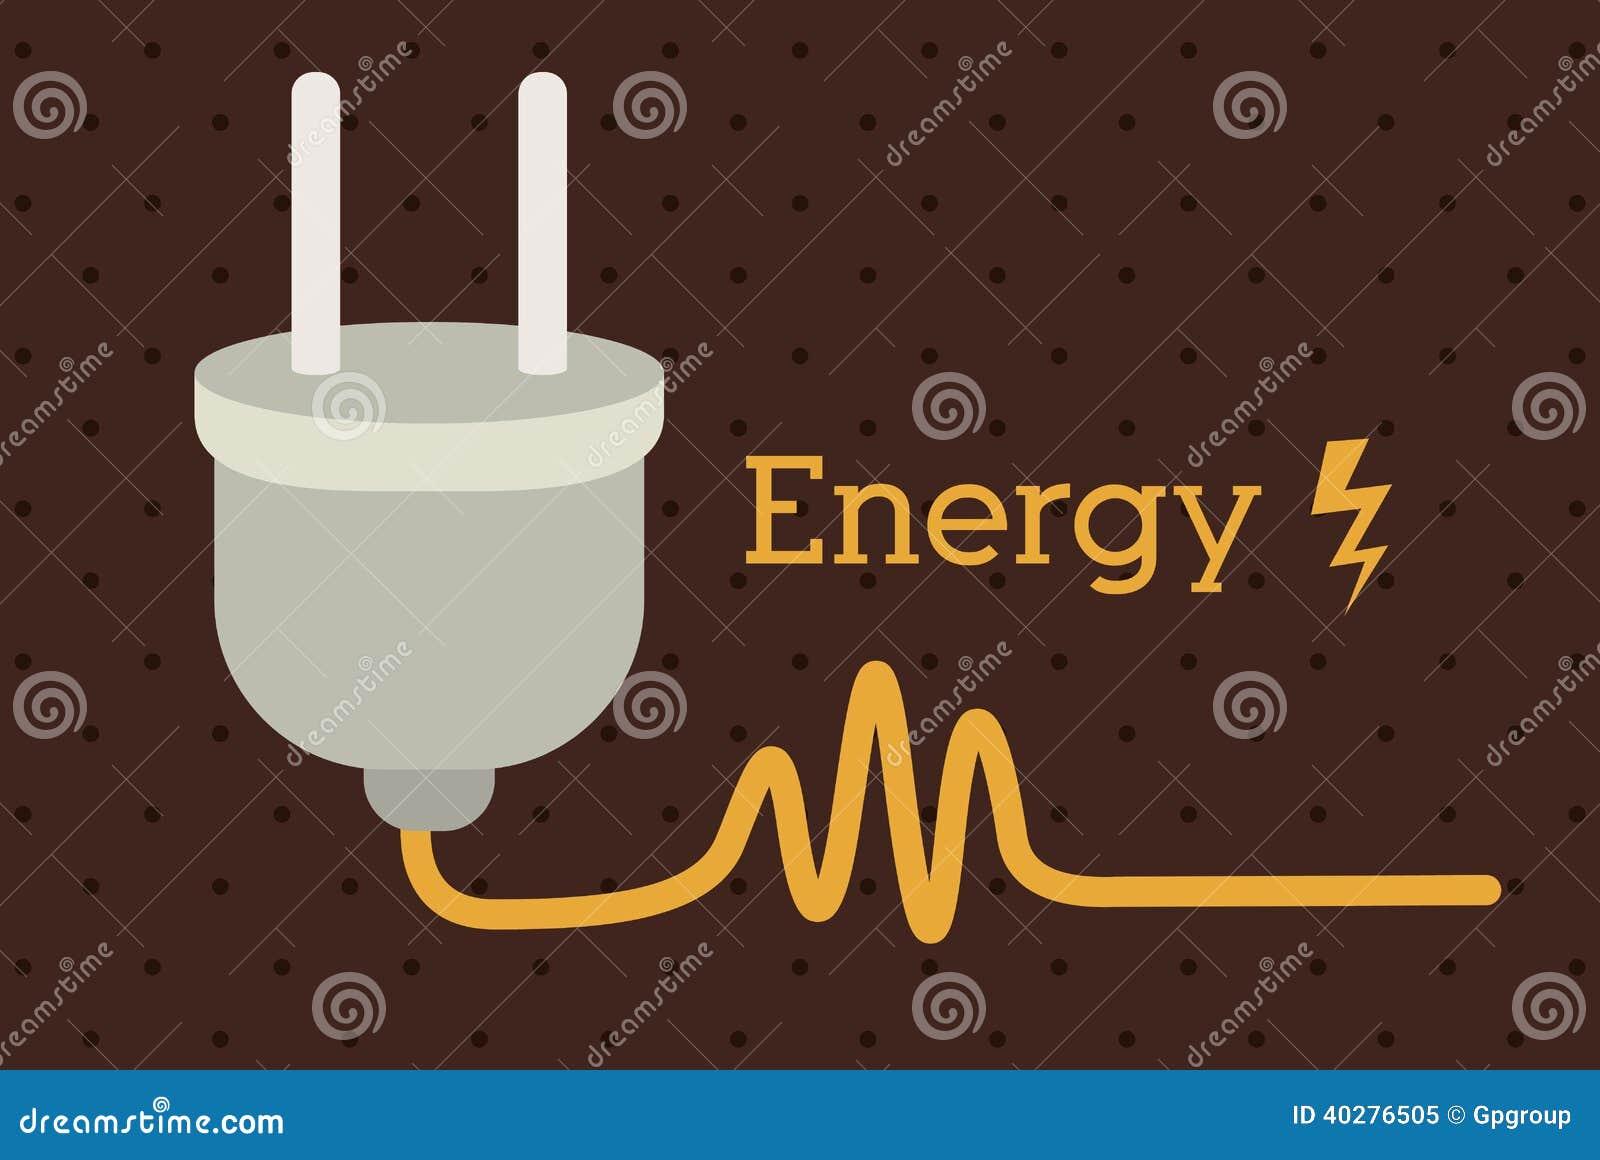 Дизайн энергии